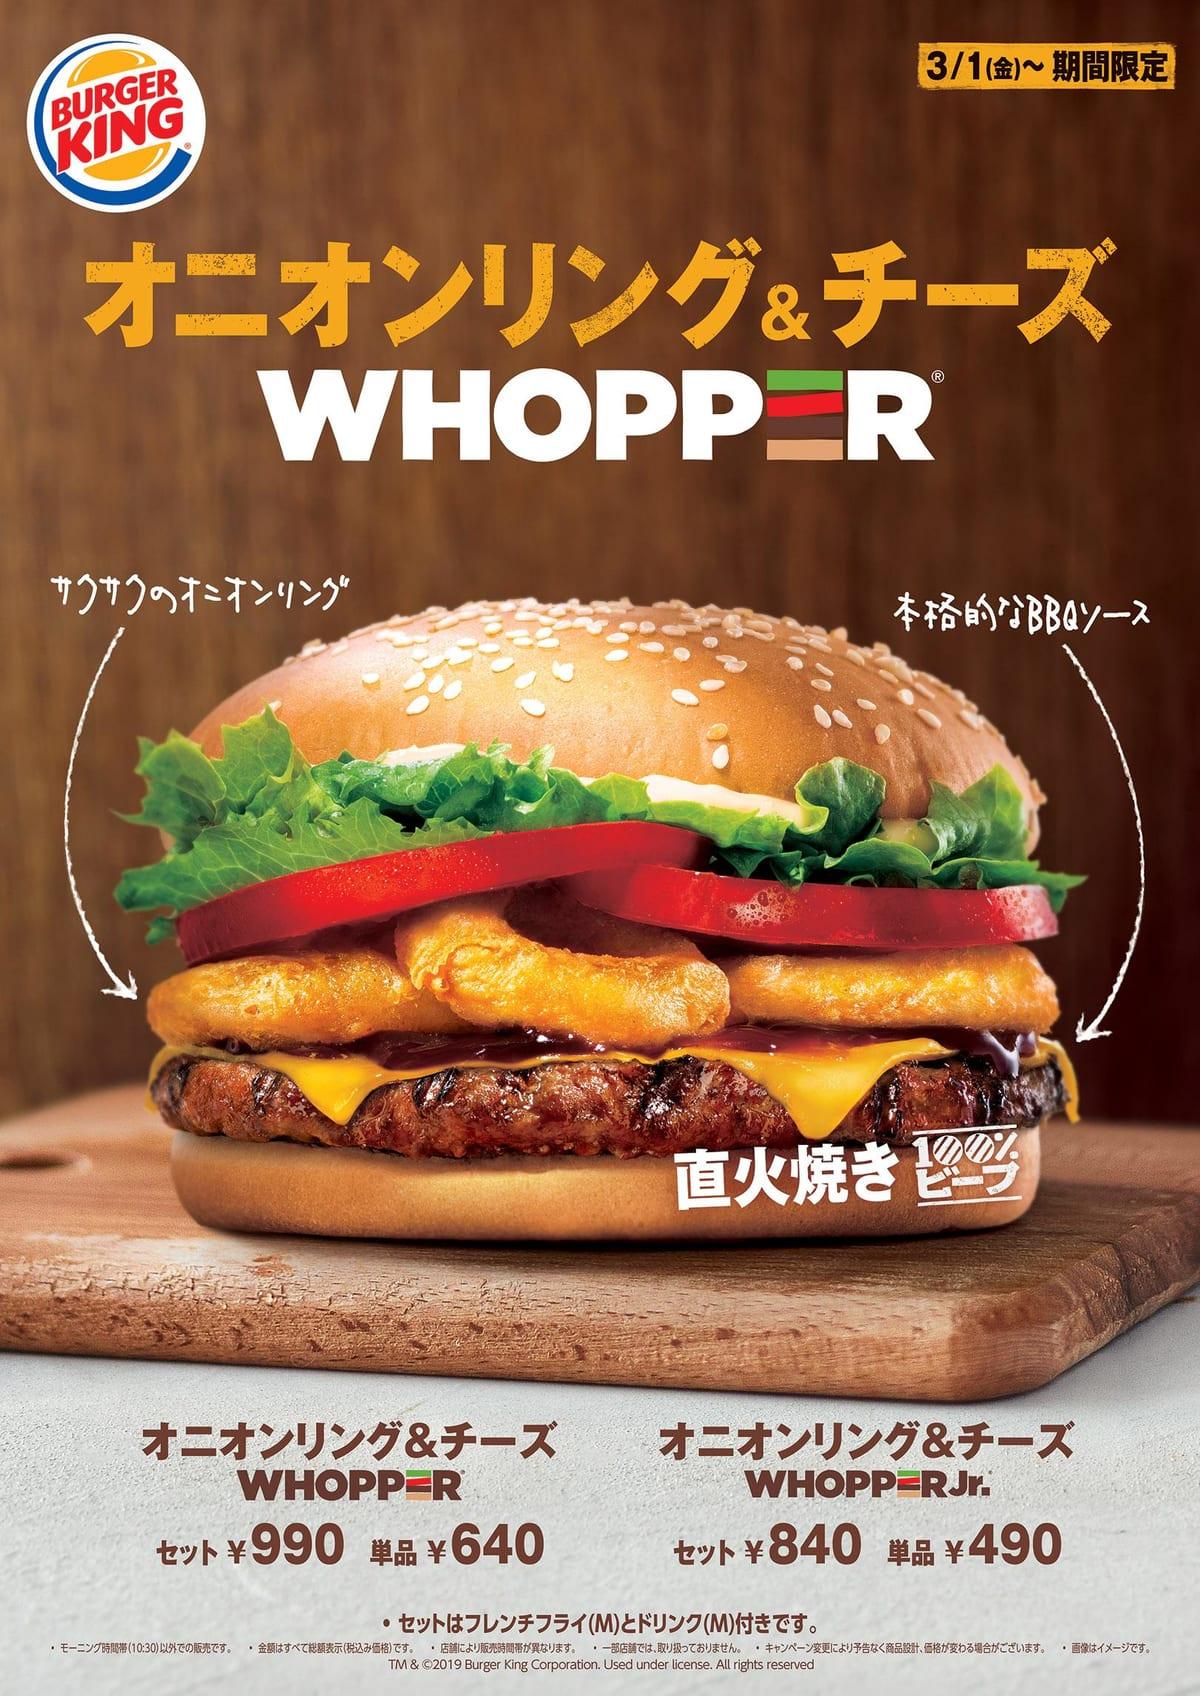 バーガーキング「オニオンリング&チーズWHOPPER®」